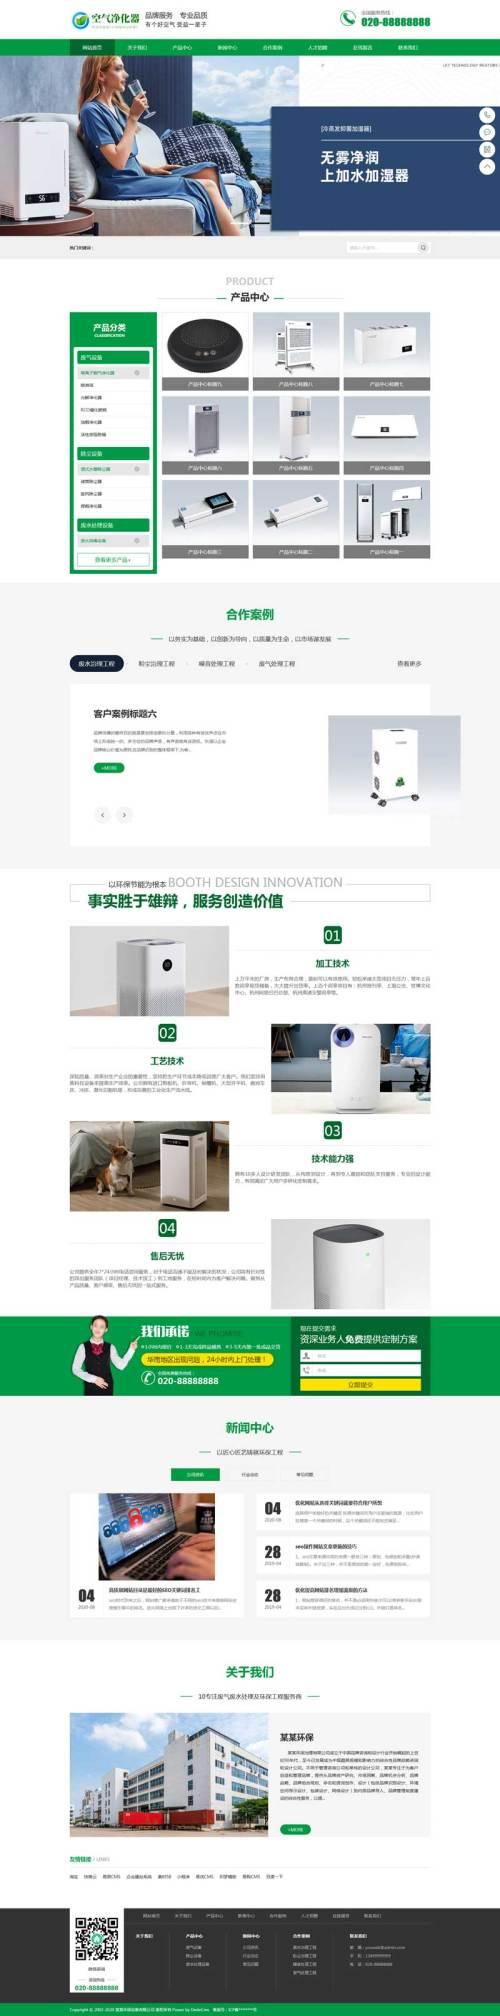 空气净化器环保公司网站织梦模板